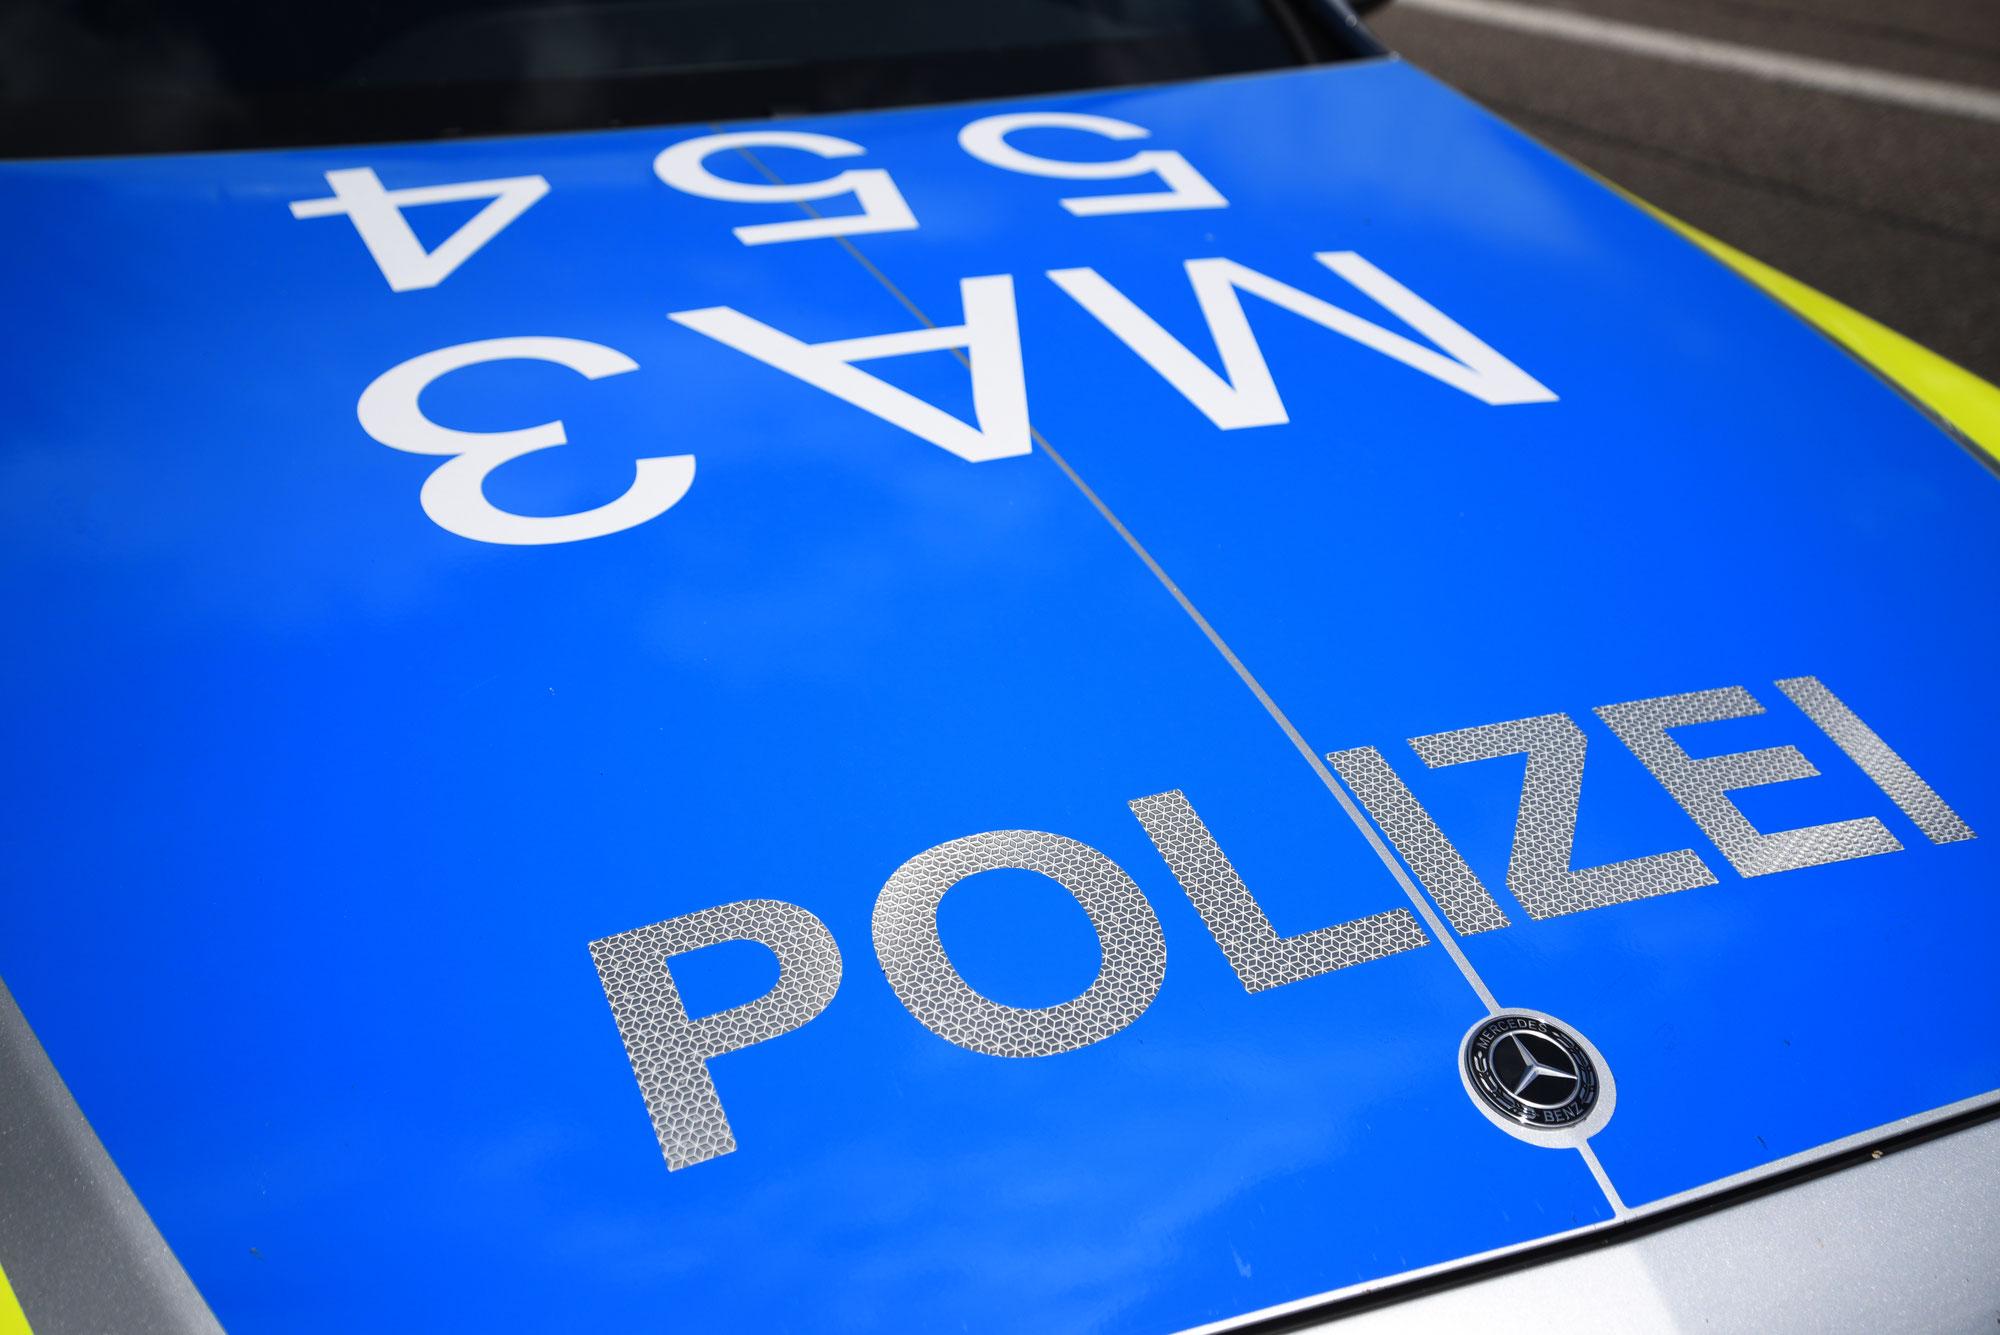 Mannheim-Wohlgelegen: An mehreren Fahrzeugen Reifen zerstochen - Polizei sucht Zeugen